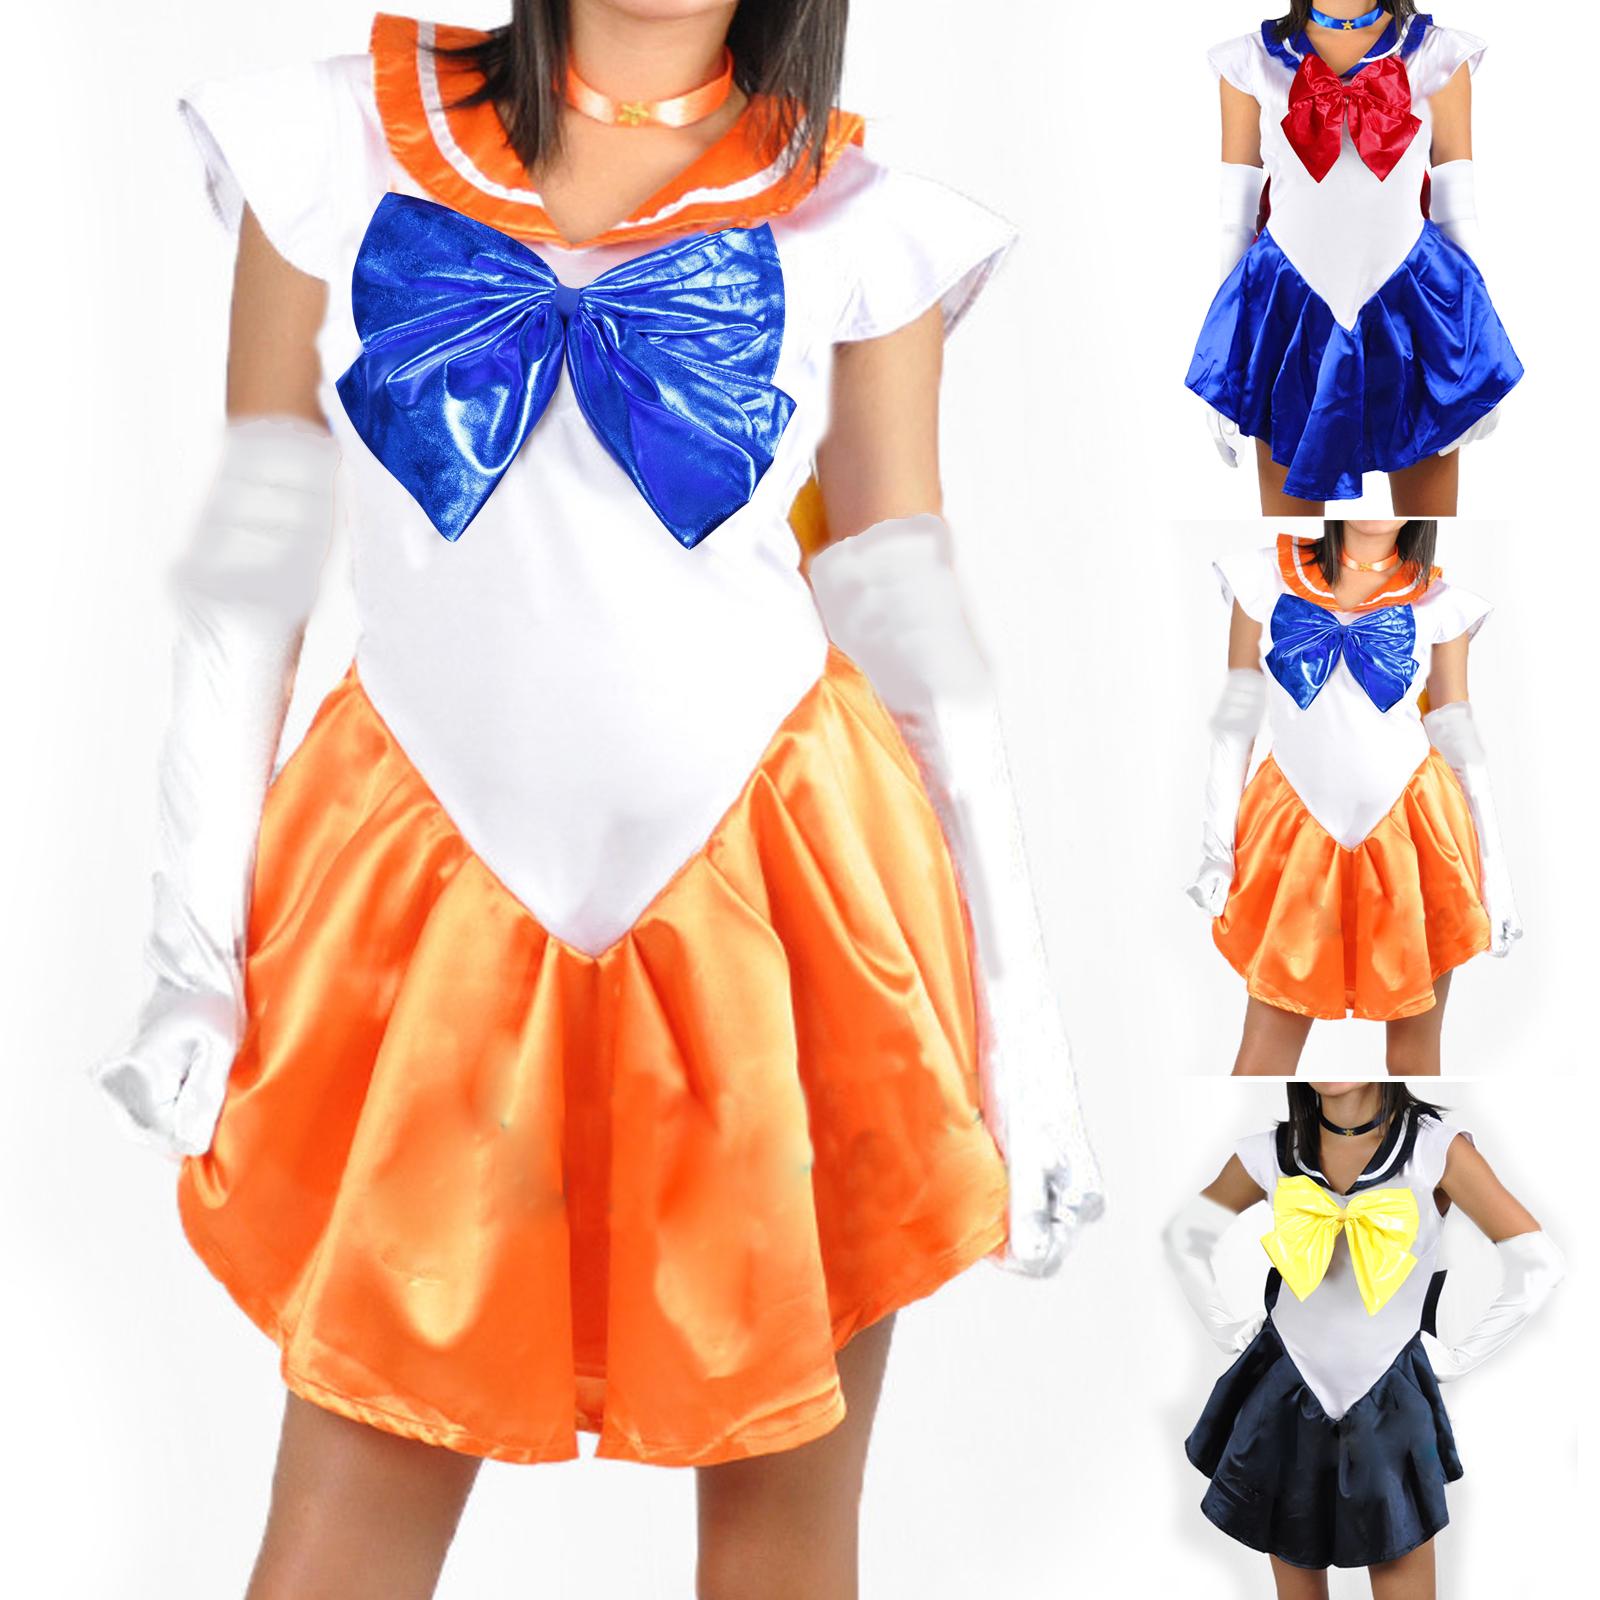 5tlg cosplay sailor moon kost m schulgirl schuluniform gr s orange ebay. Black Bedroom Furniture Sets. Home Design Ideas